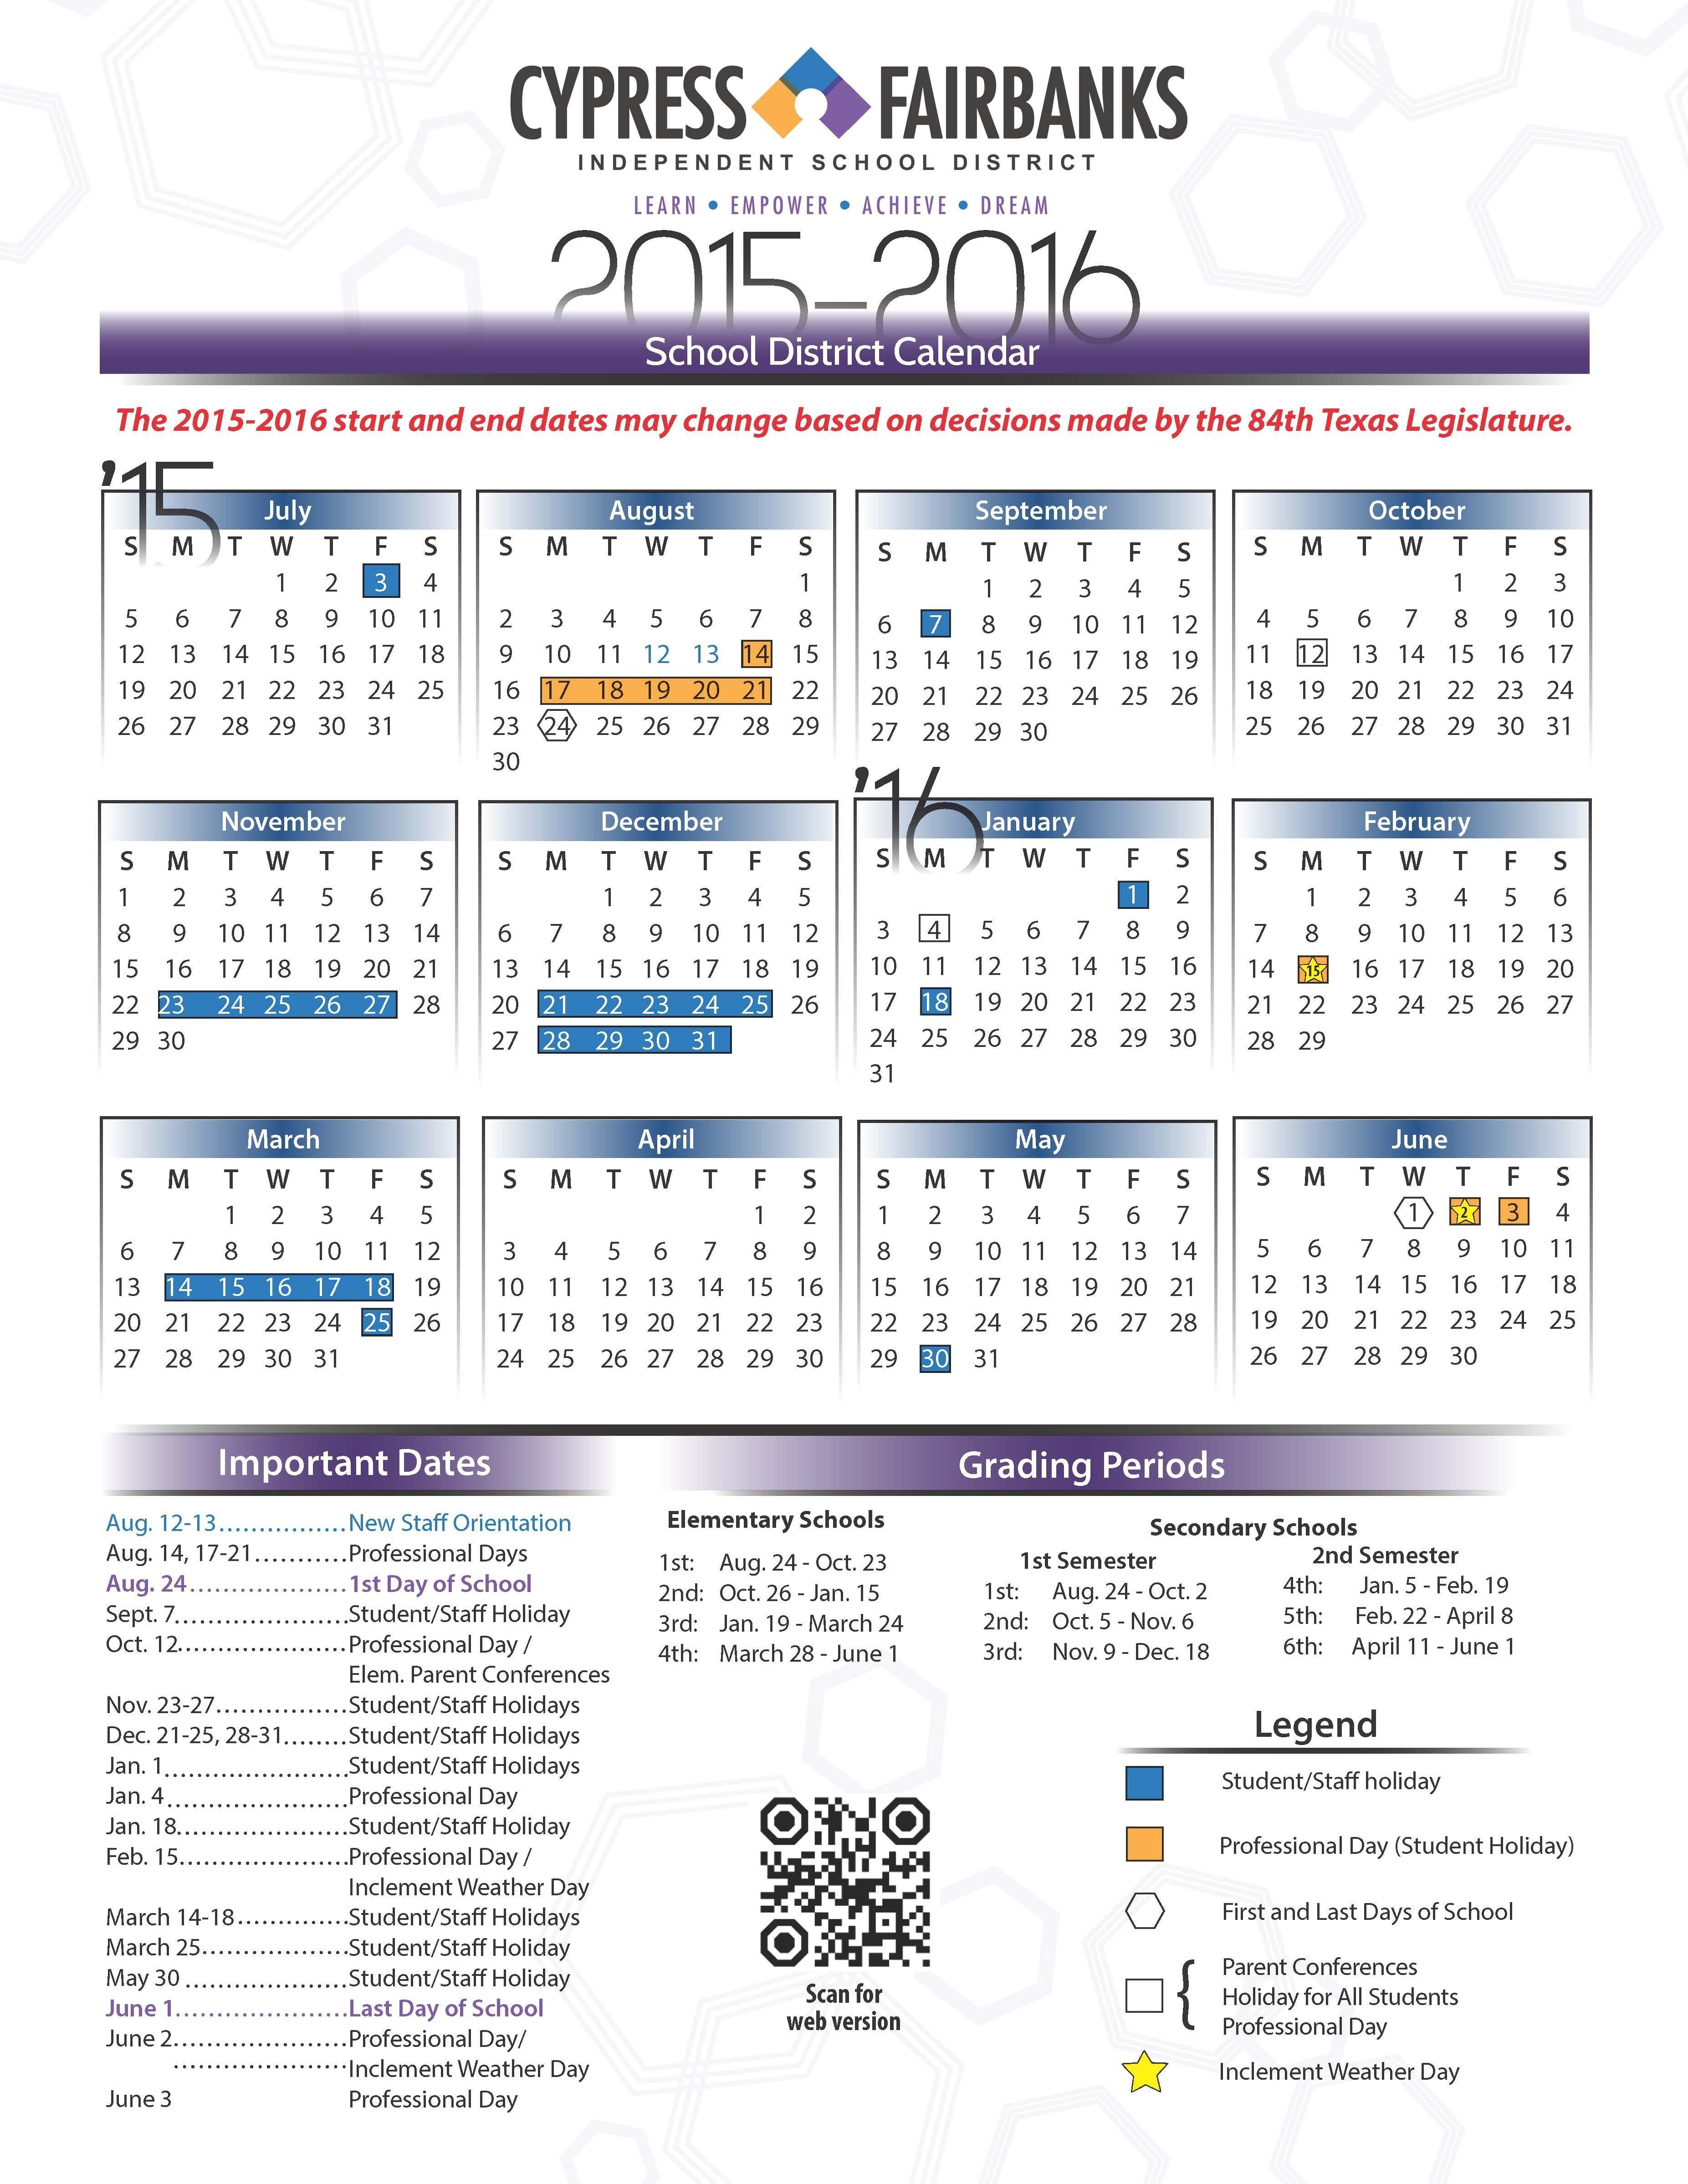 Calendario Escolar Hisd 2019 Más Reciente Cy Fair isd Calendar